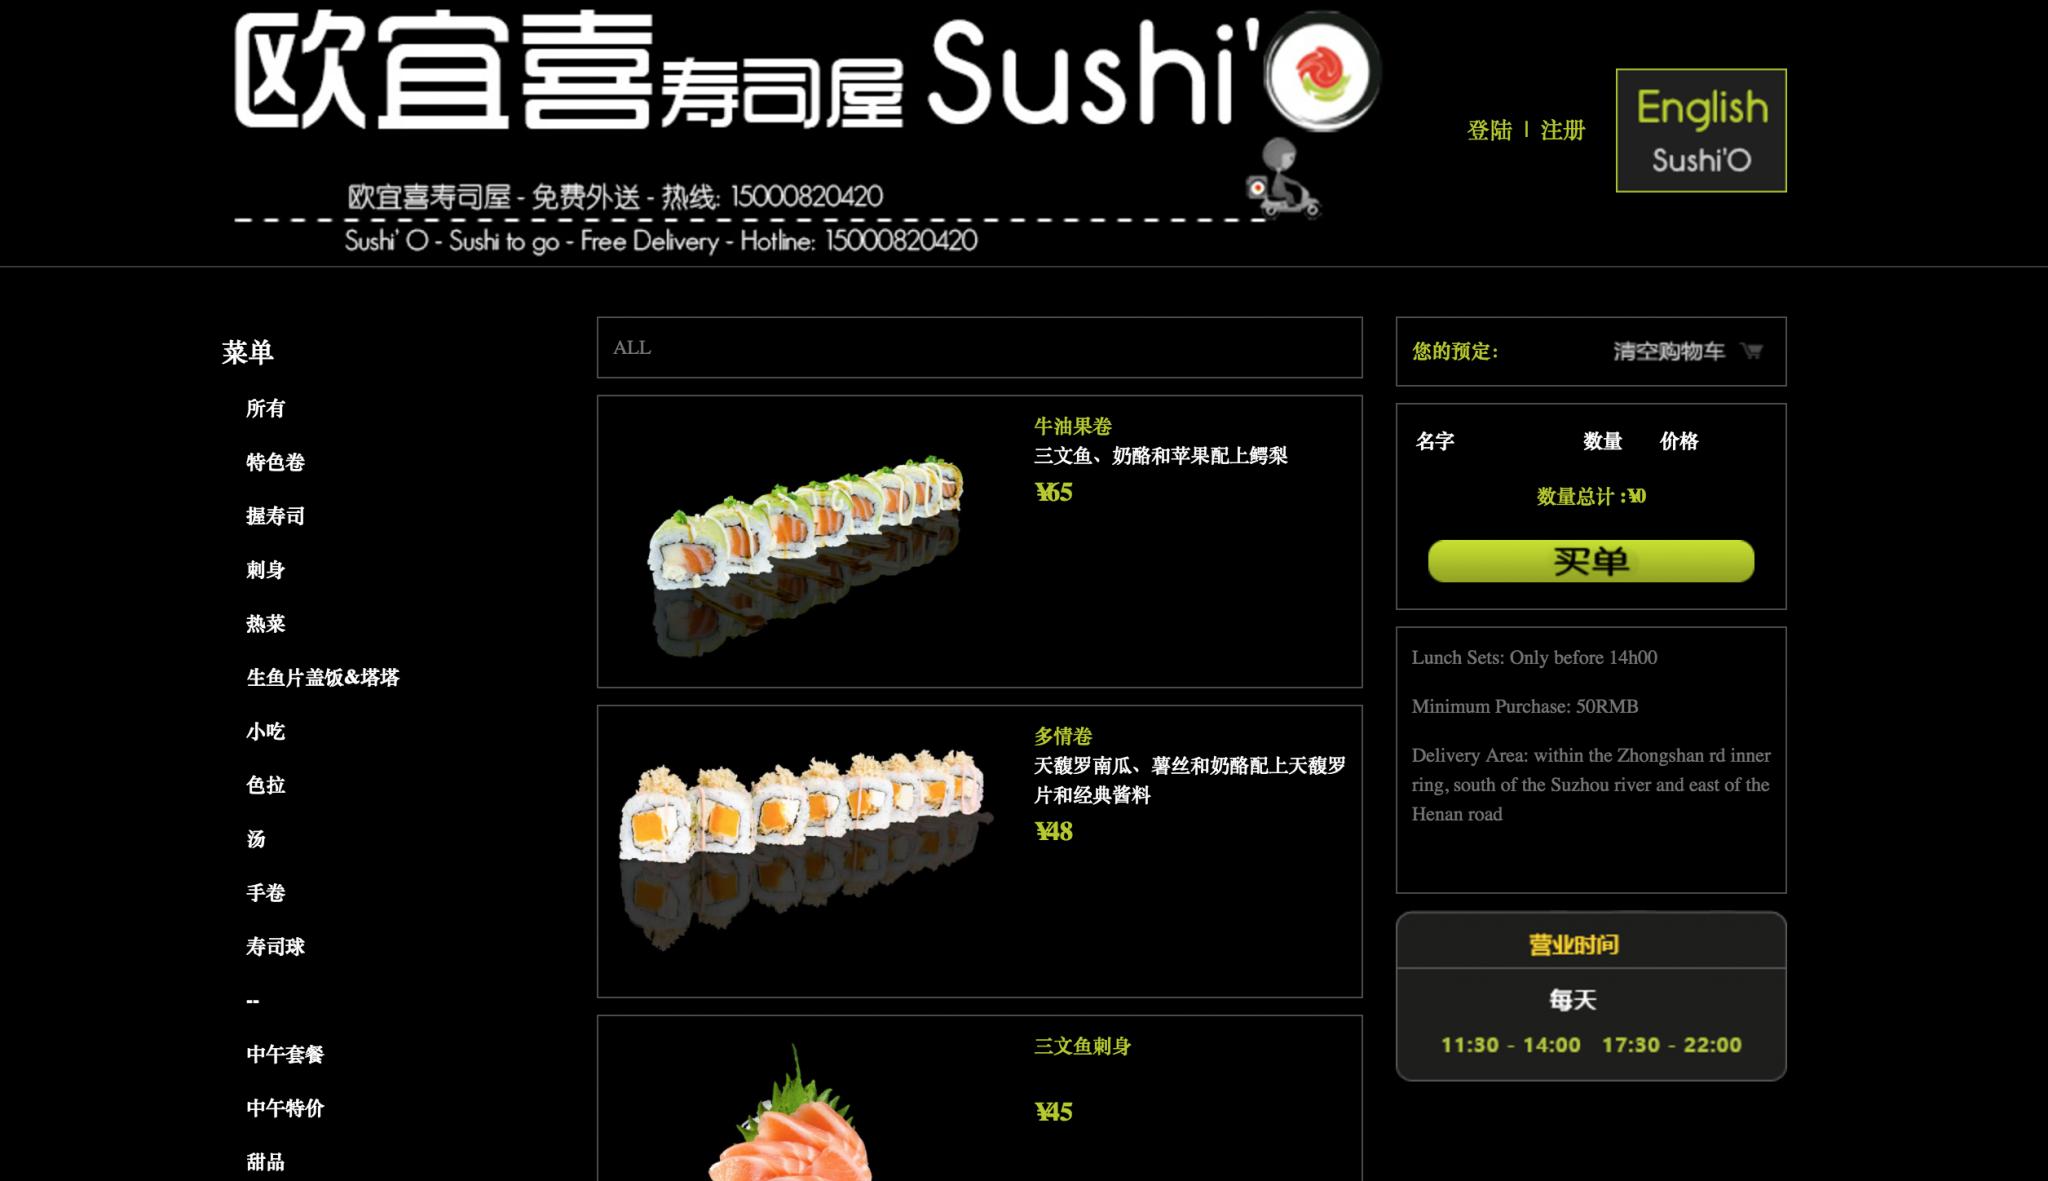 Sushi o